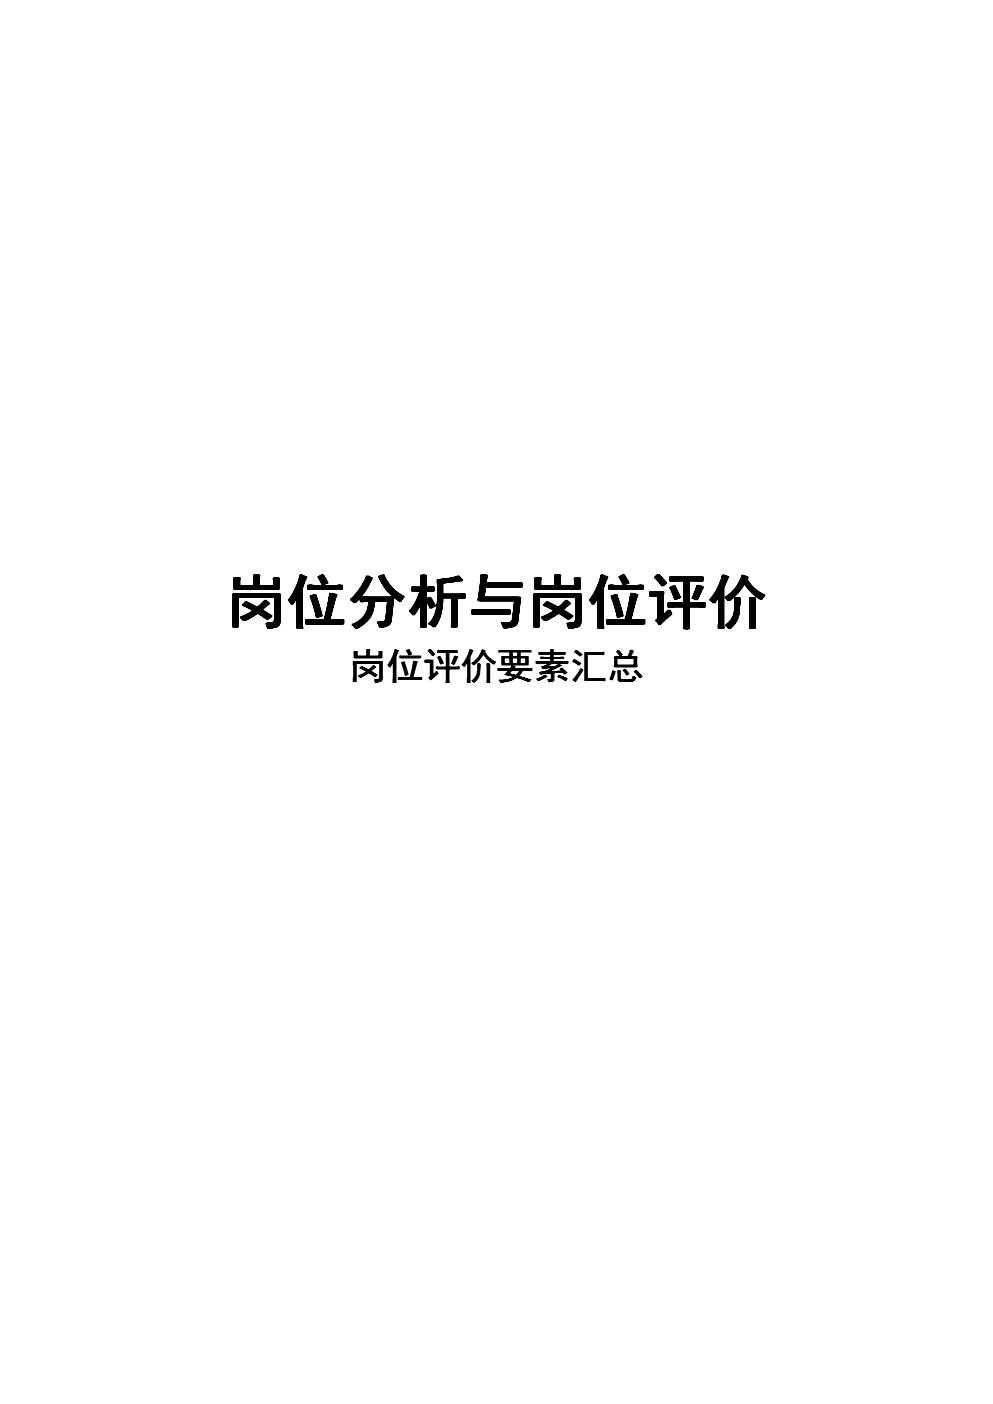 2019年岗位分析与岗位评价.doc